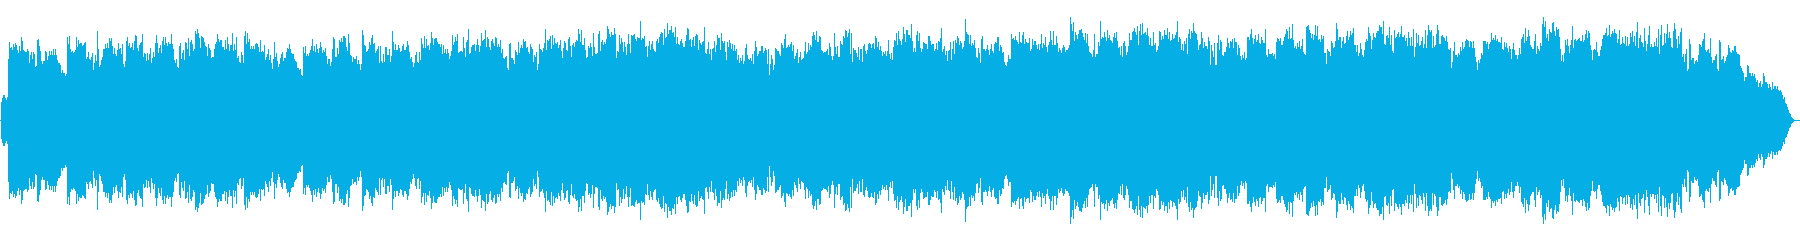 空高く響くような笛の高い音色の再生済みの波形